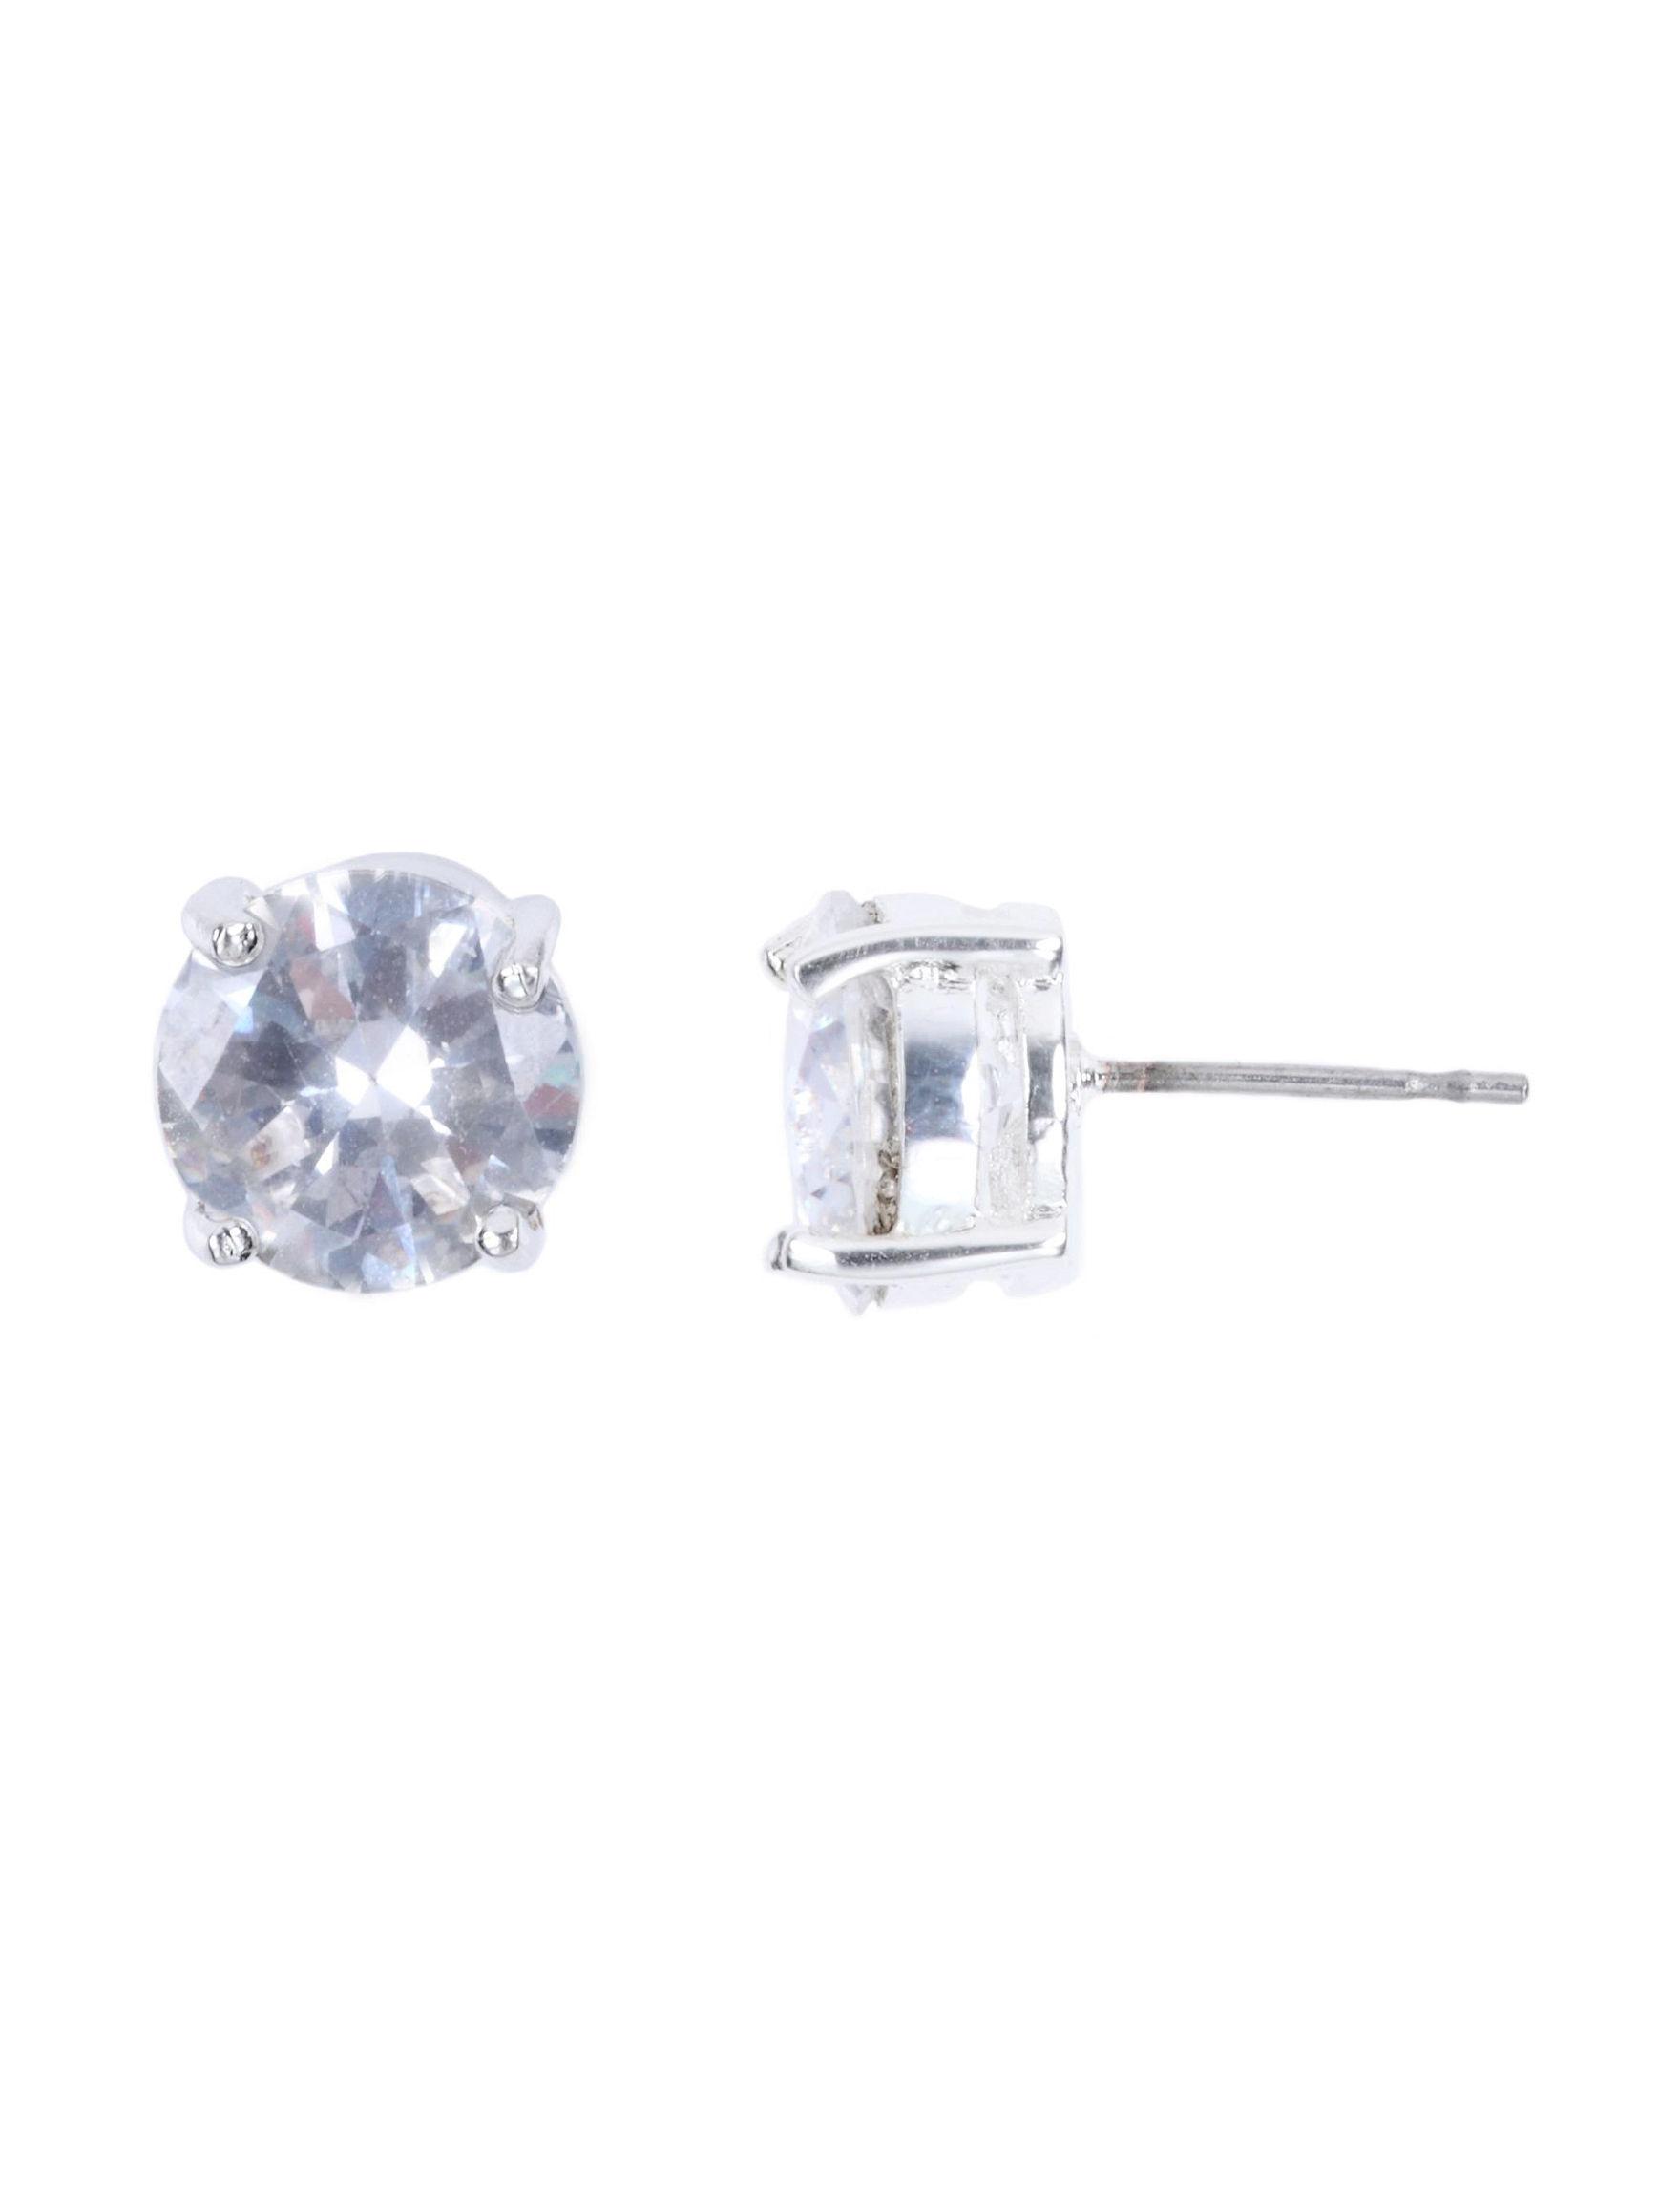 Nine West Silver Fashion Jewelry